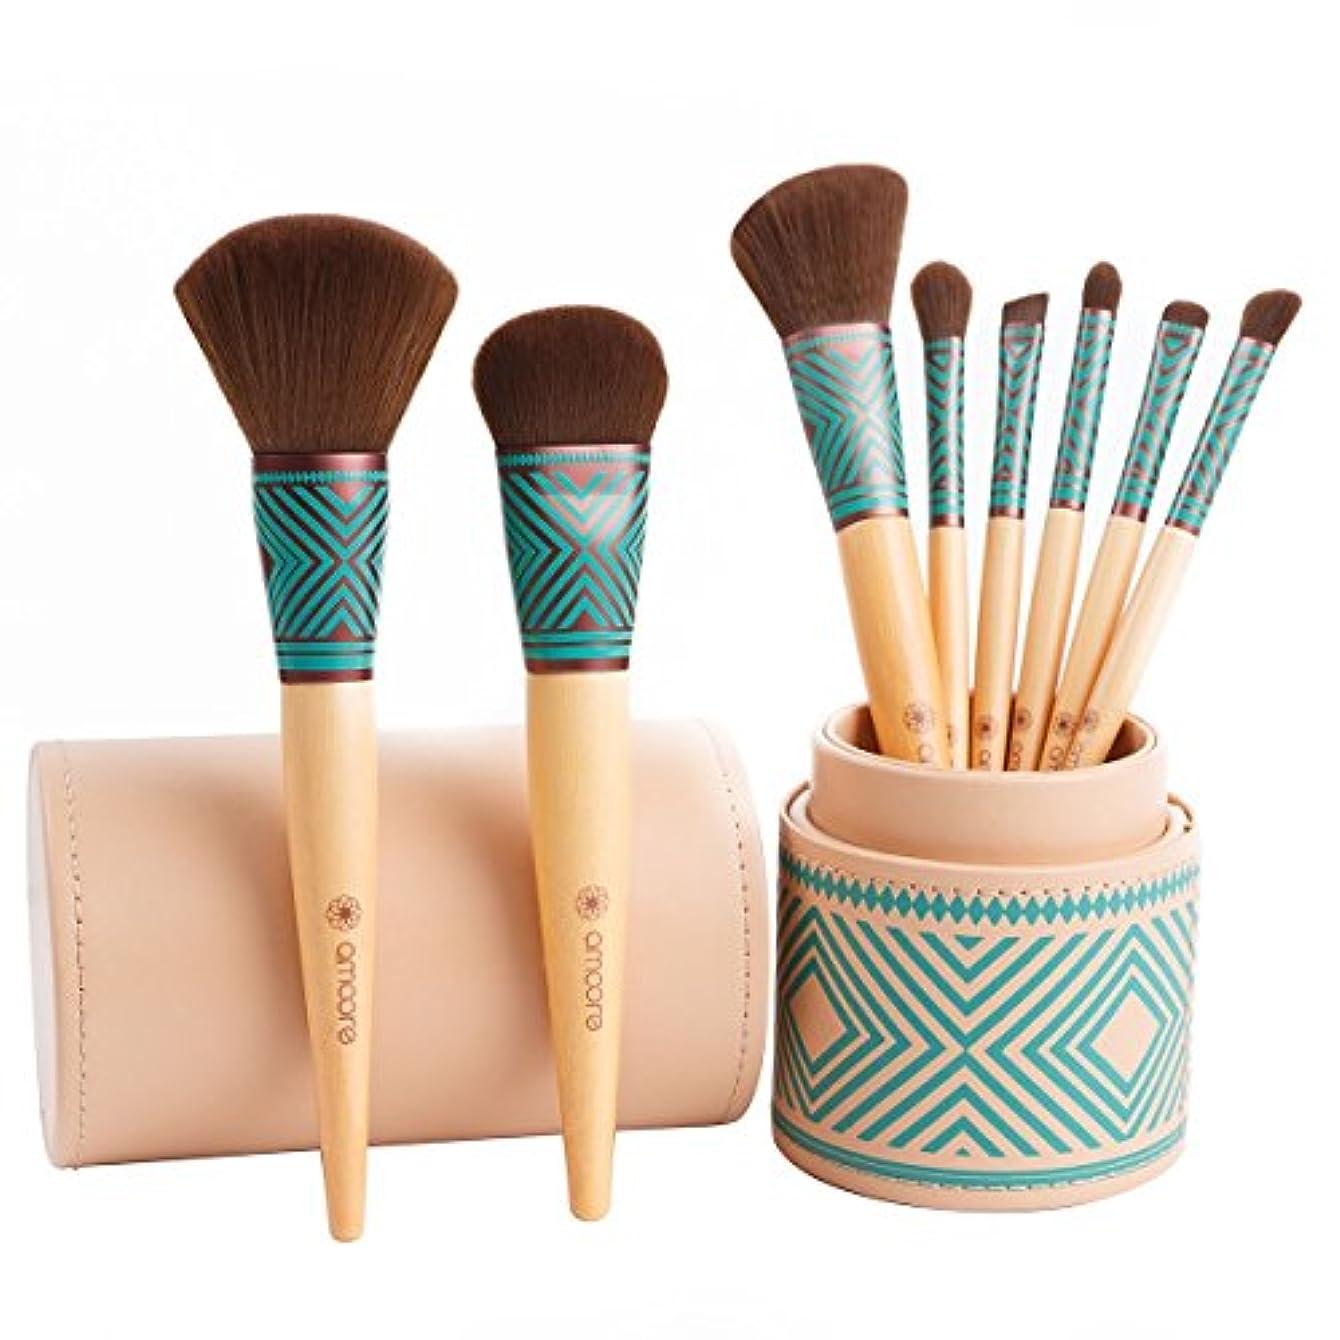 侮辱ボランティアウェイドamoore 8本 化粧筆 メイクブラシセット 化粧ブラシ セット コスメ ブラシ 収納ケース付き